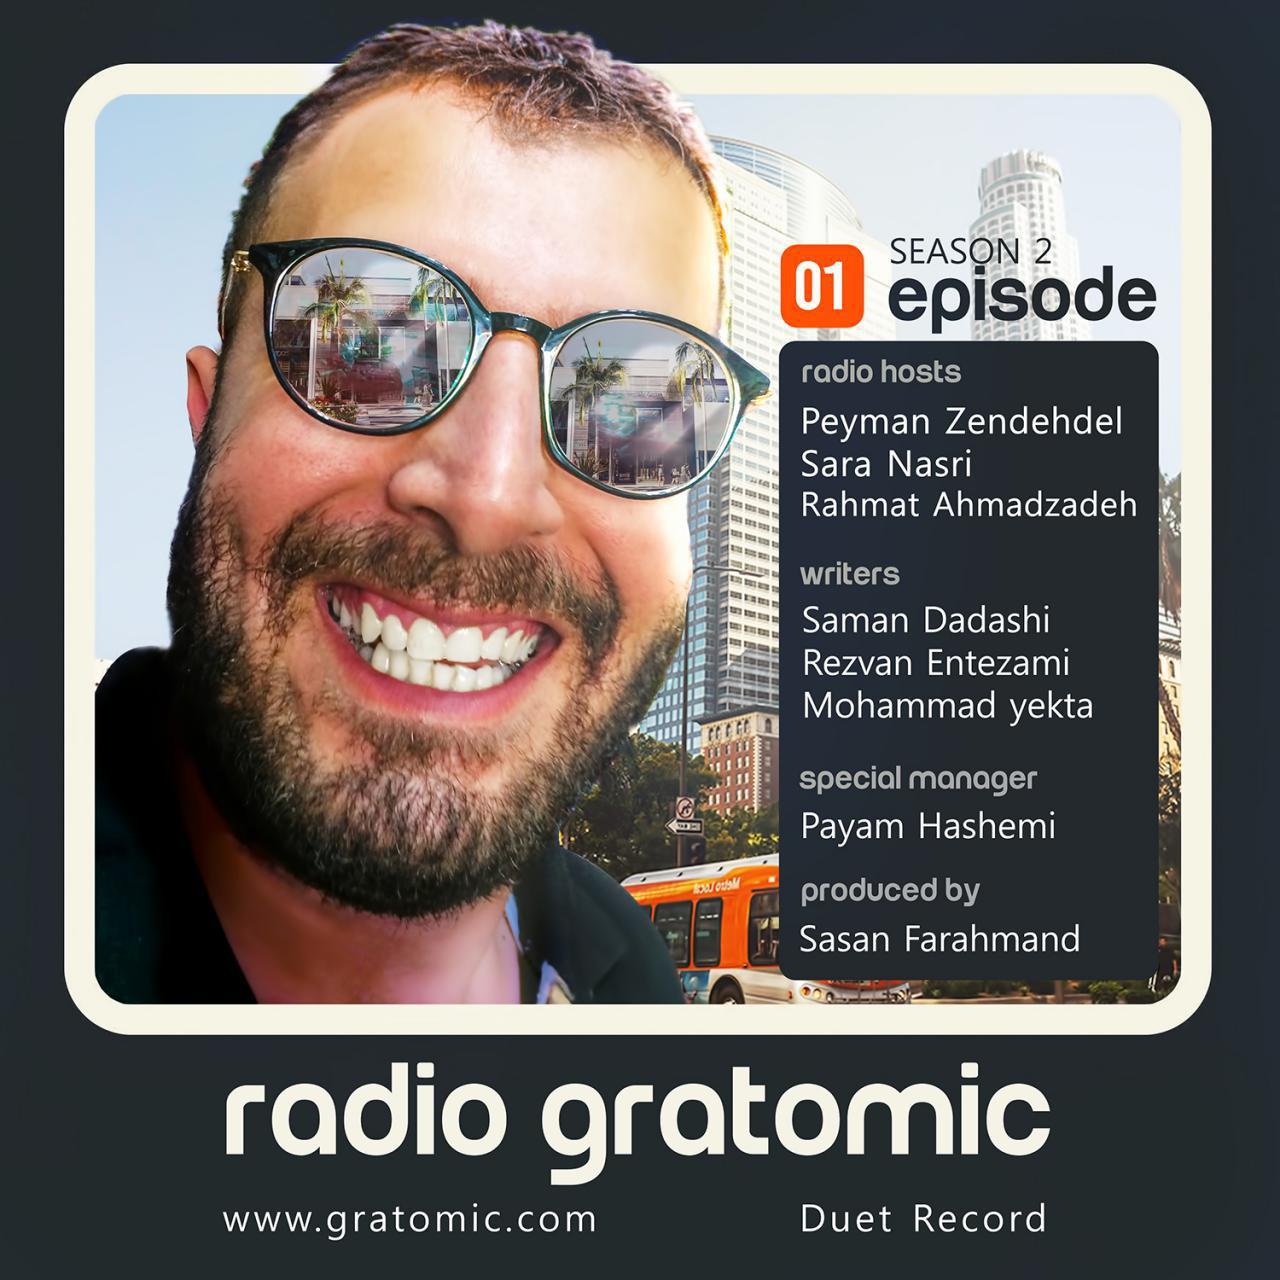 دانلود آهنگ رادیو گراتومیک فصل 2 قسمت 1